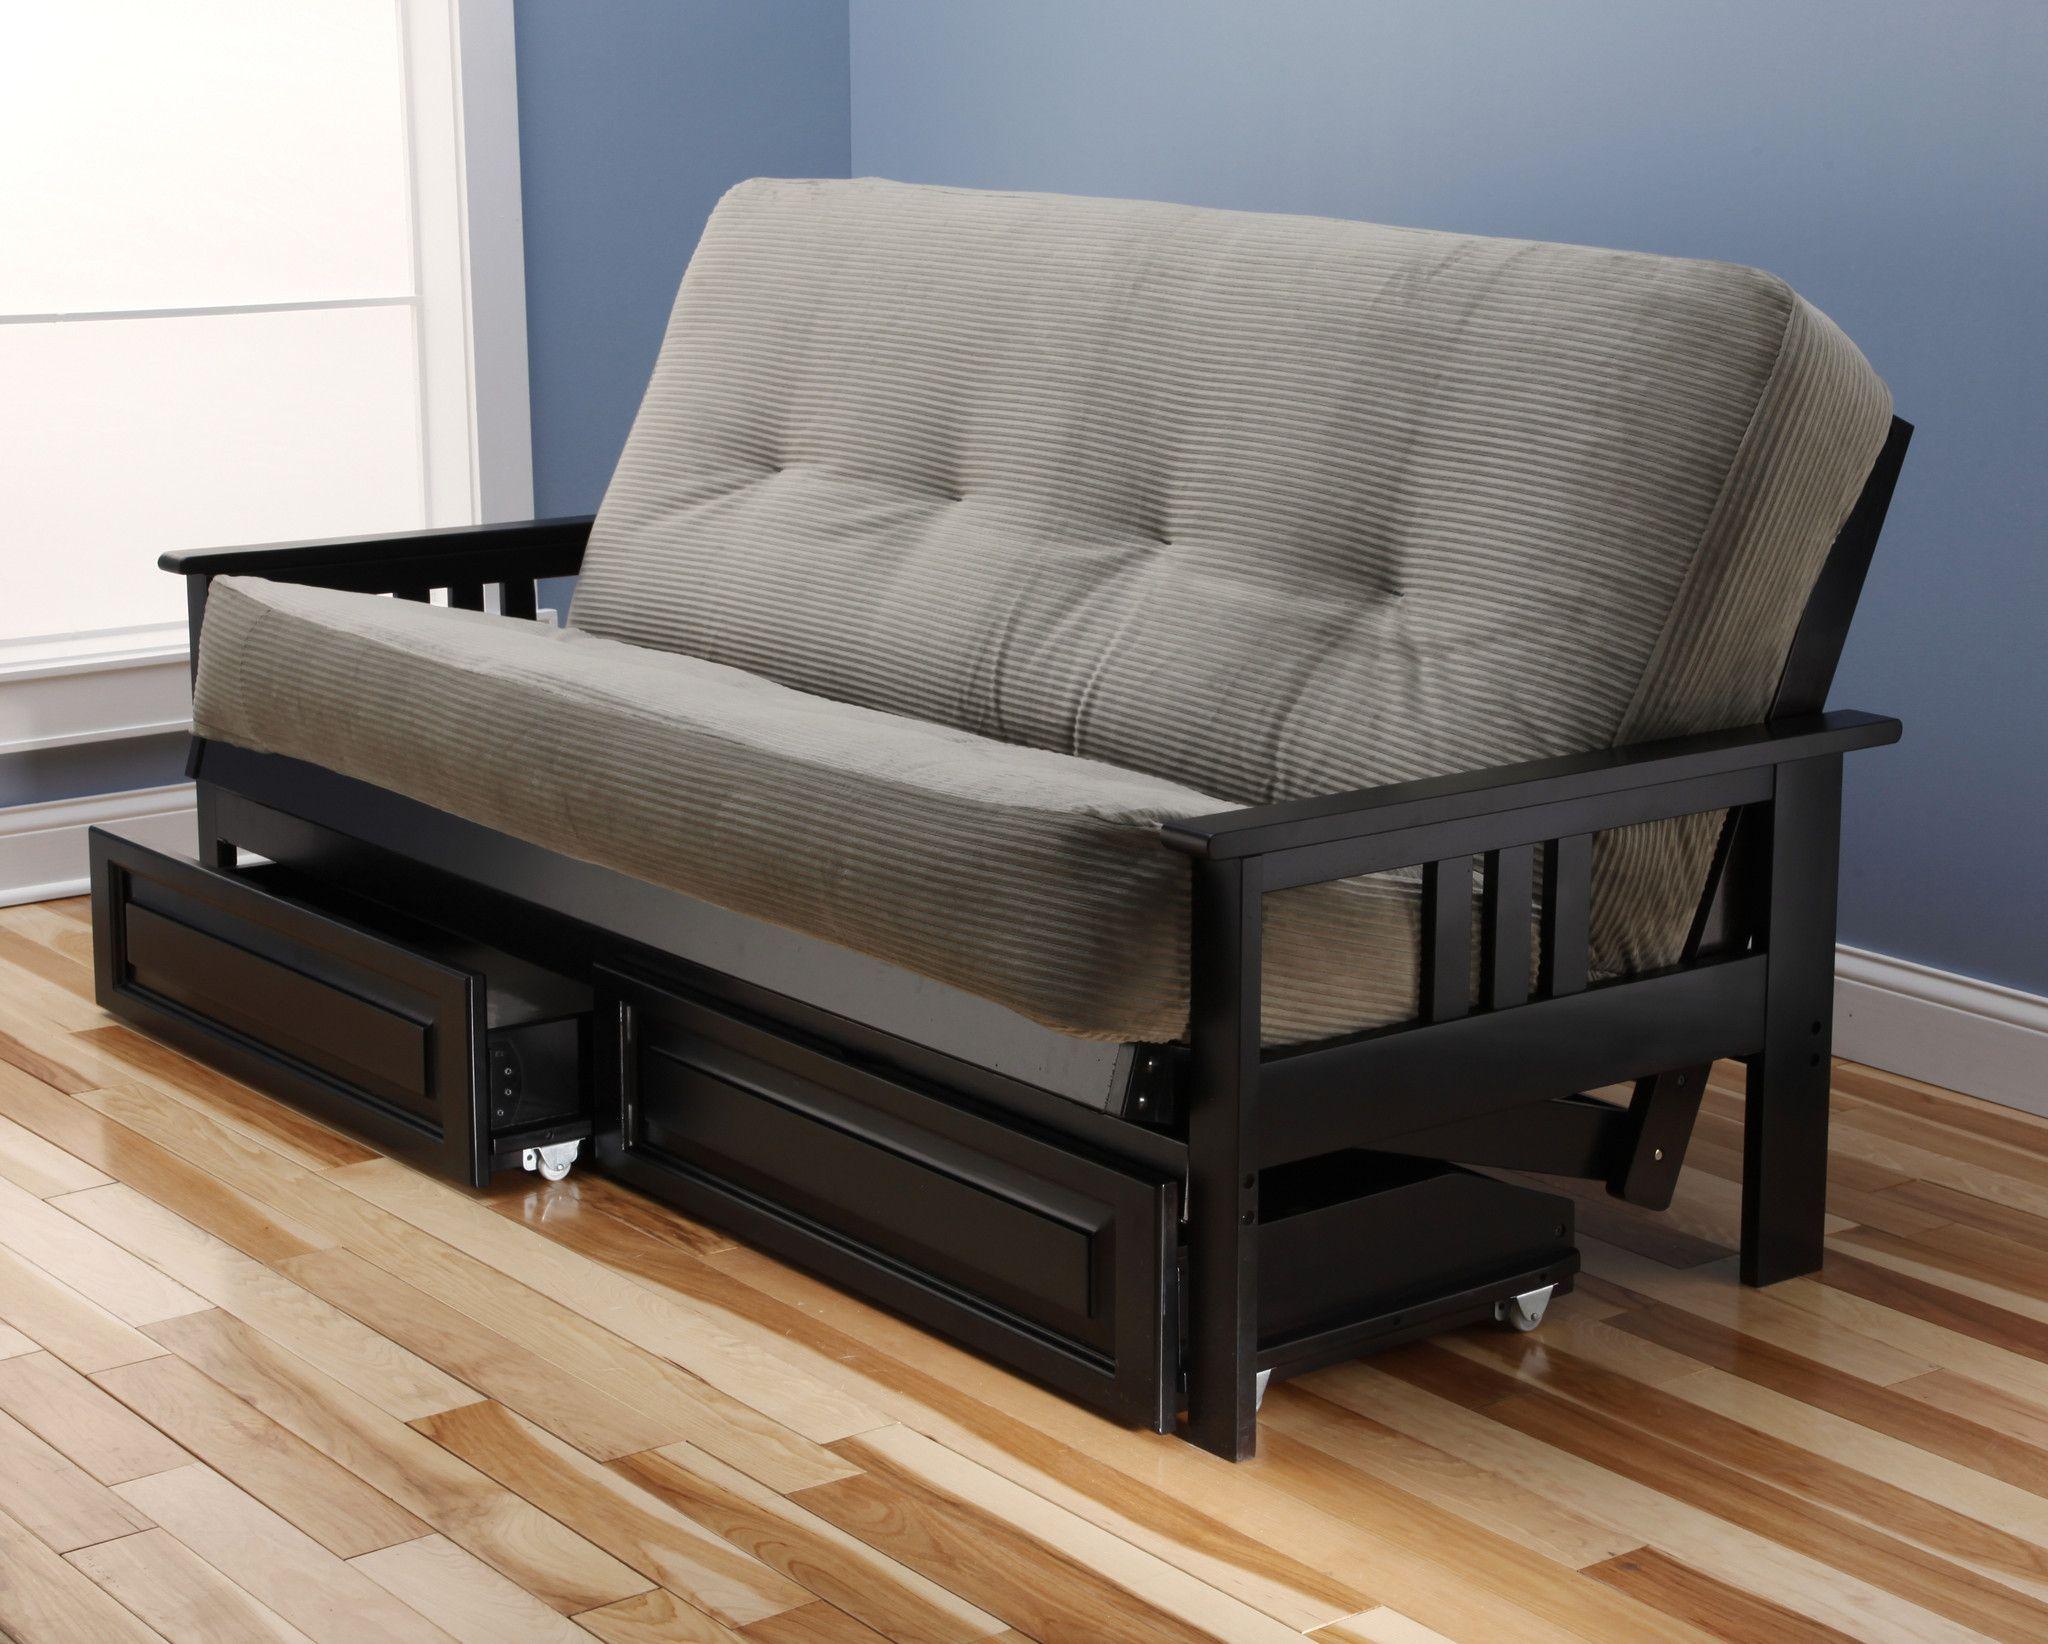 Woodbury Full Size Futon Sofa and Drawer Set Black Painted